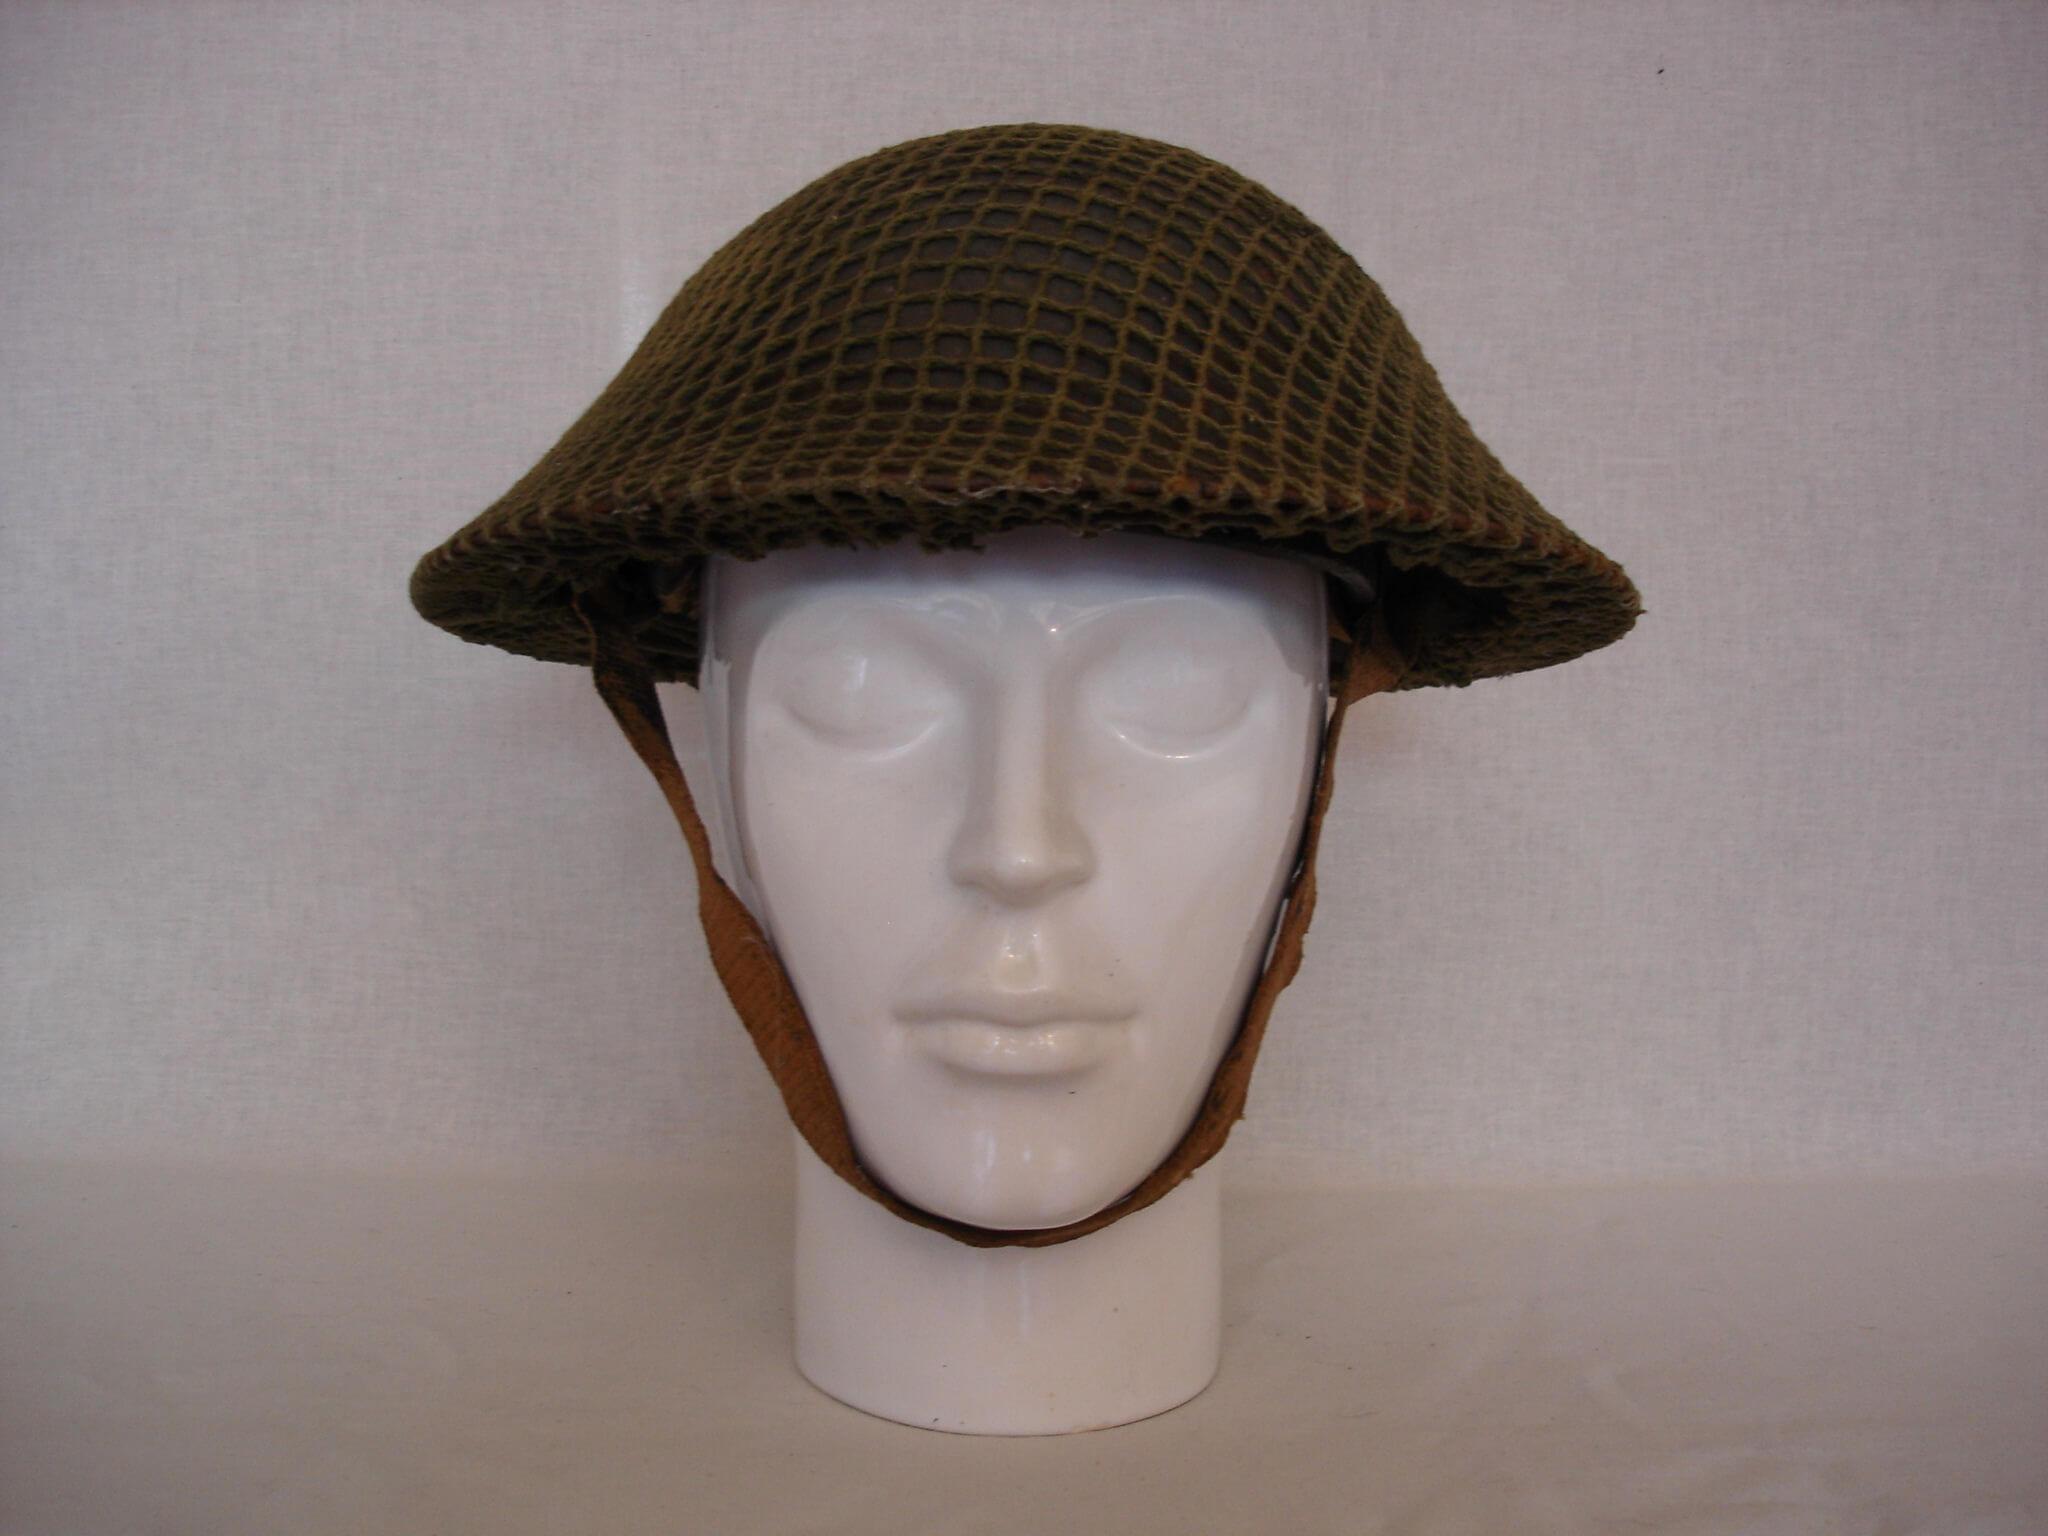 Britse Helm met camouflage net uit de tweede wereldoorlog.